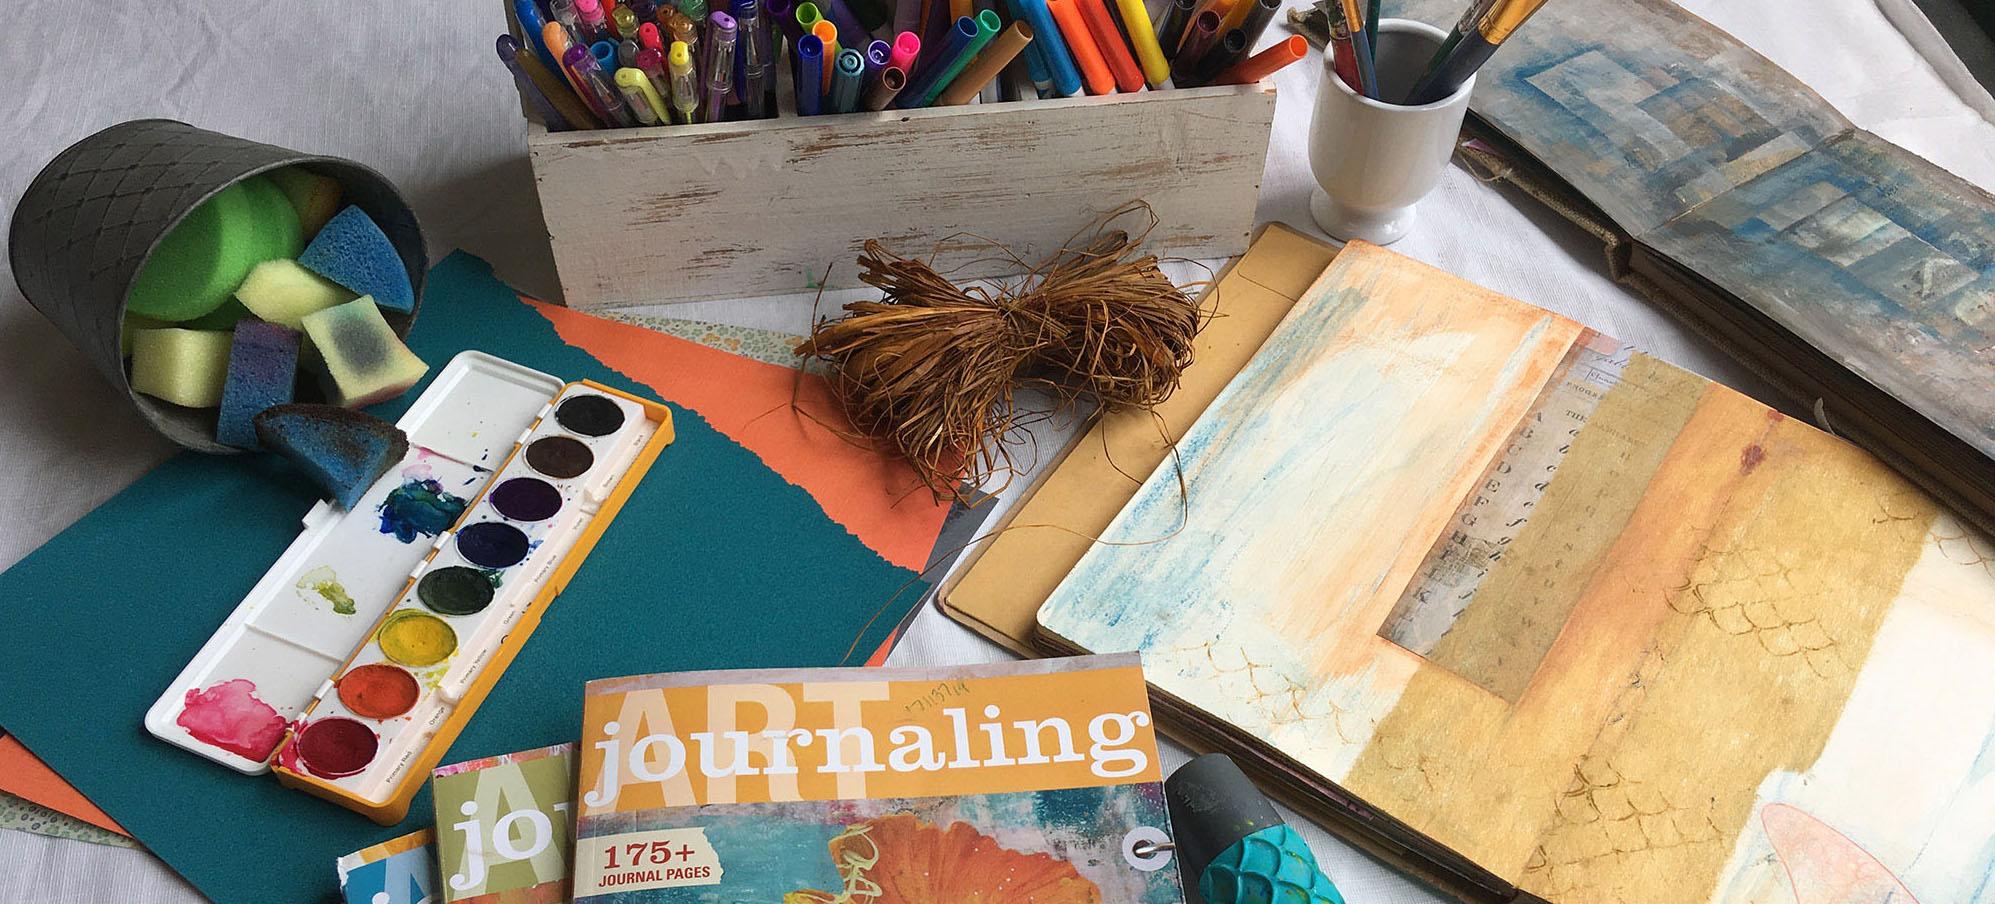 art journaling materials